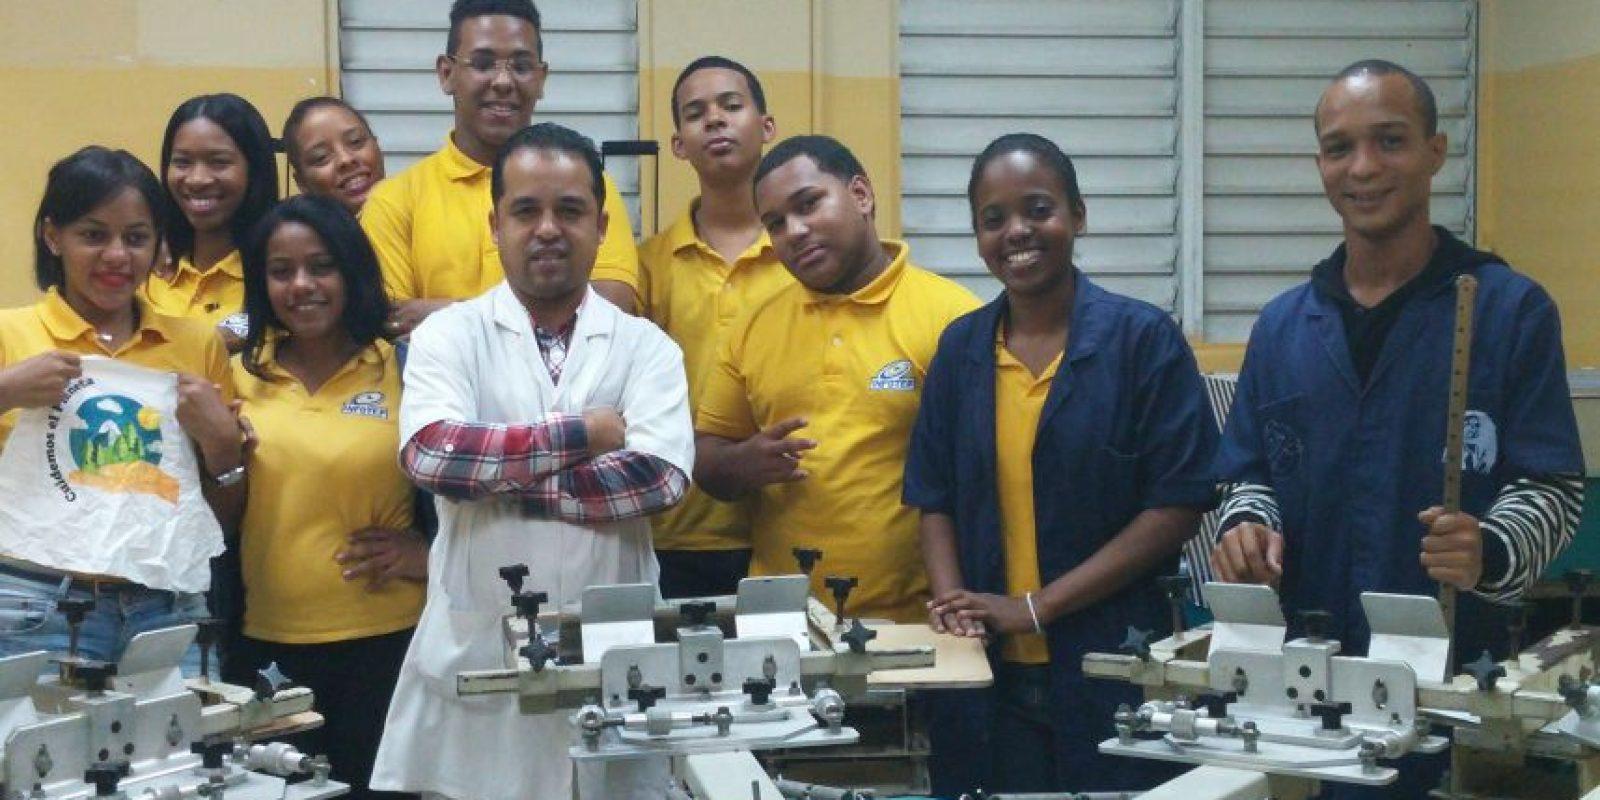 Cada uno de estos jóvenes comparte un mismo sueño, en crear su propia empresa Serigráfica. Foto:Carlos J. Basora